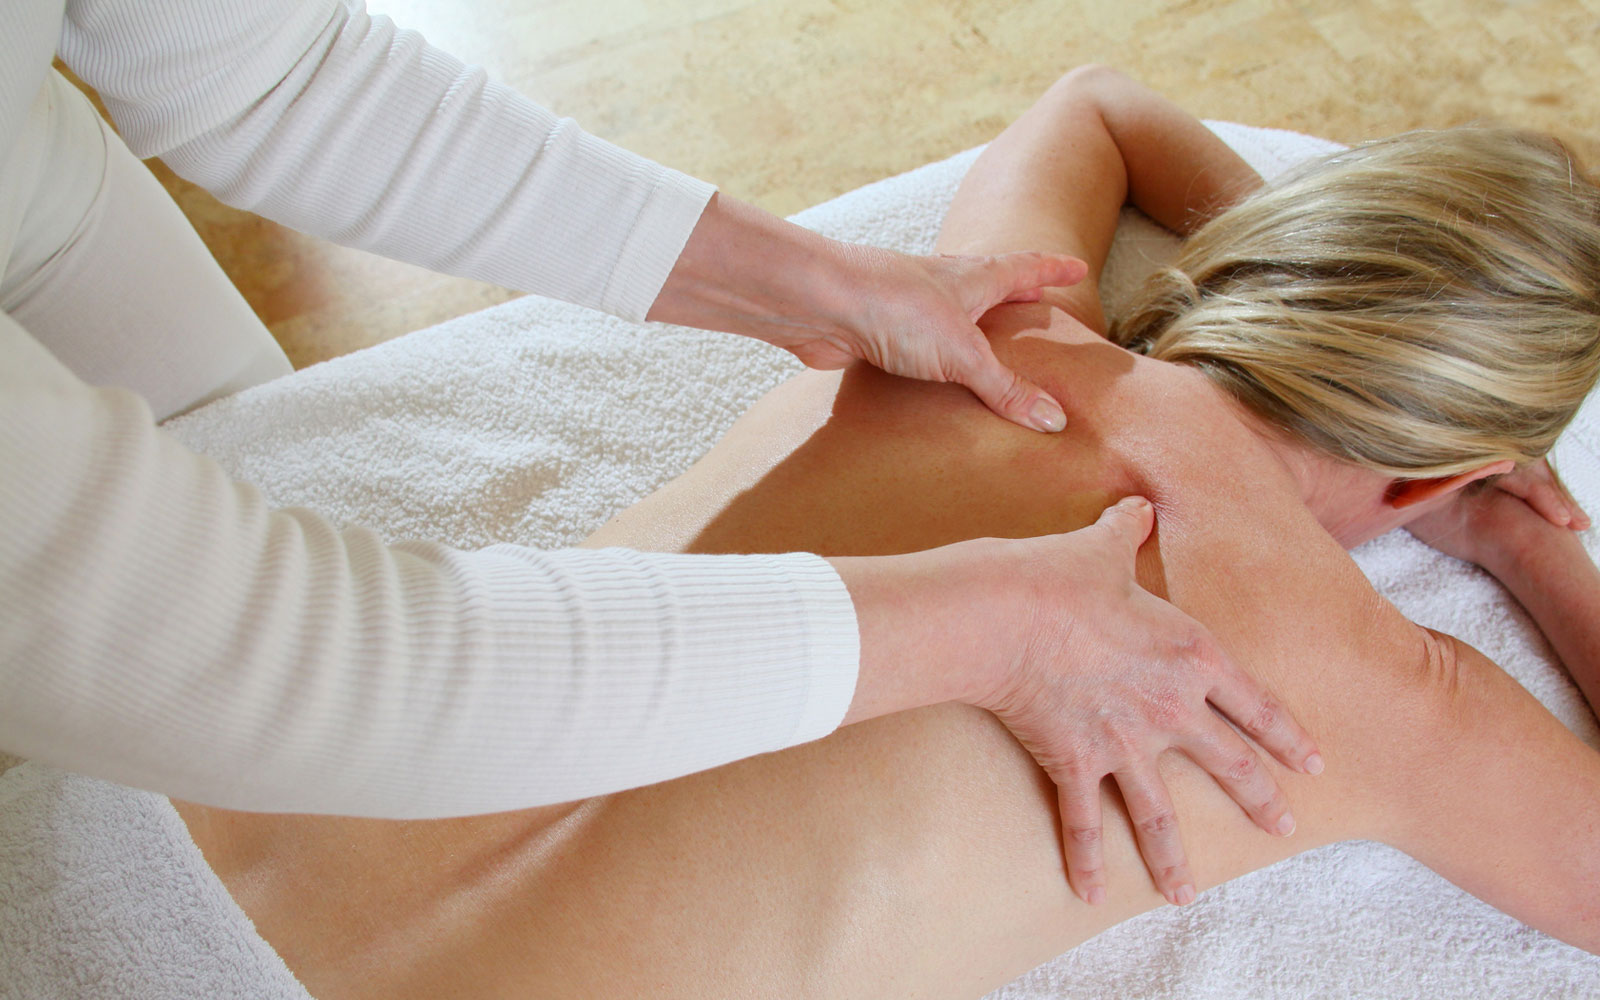 miriam_burde_heilpraktikerin_medizinische_massage